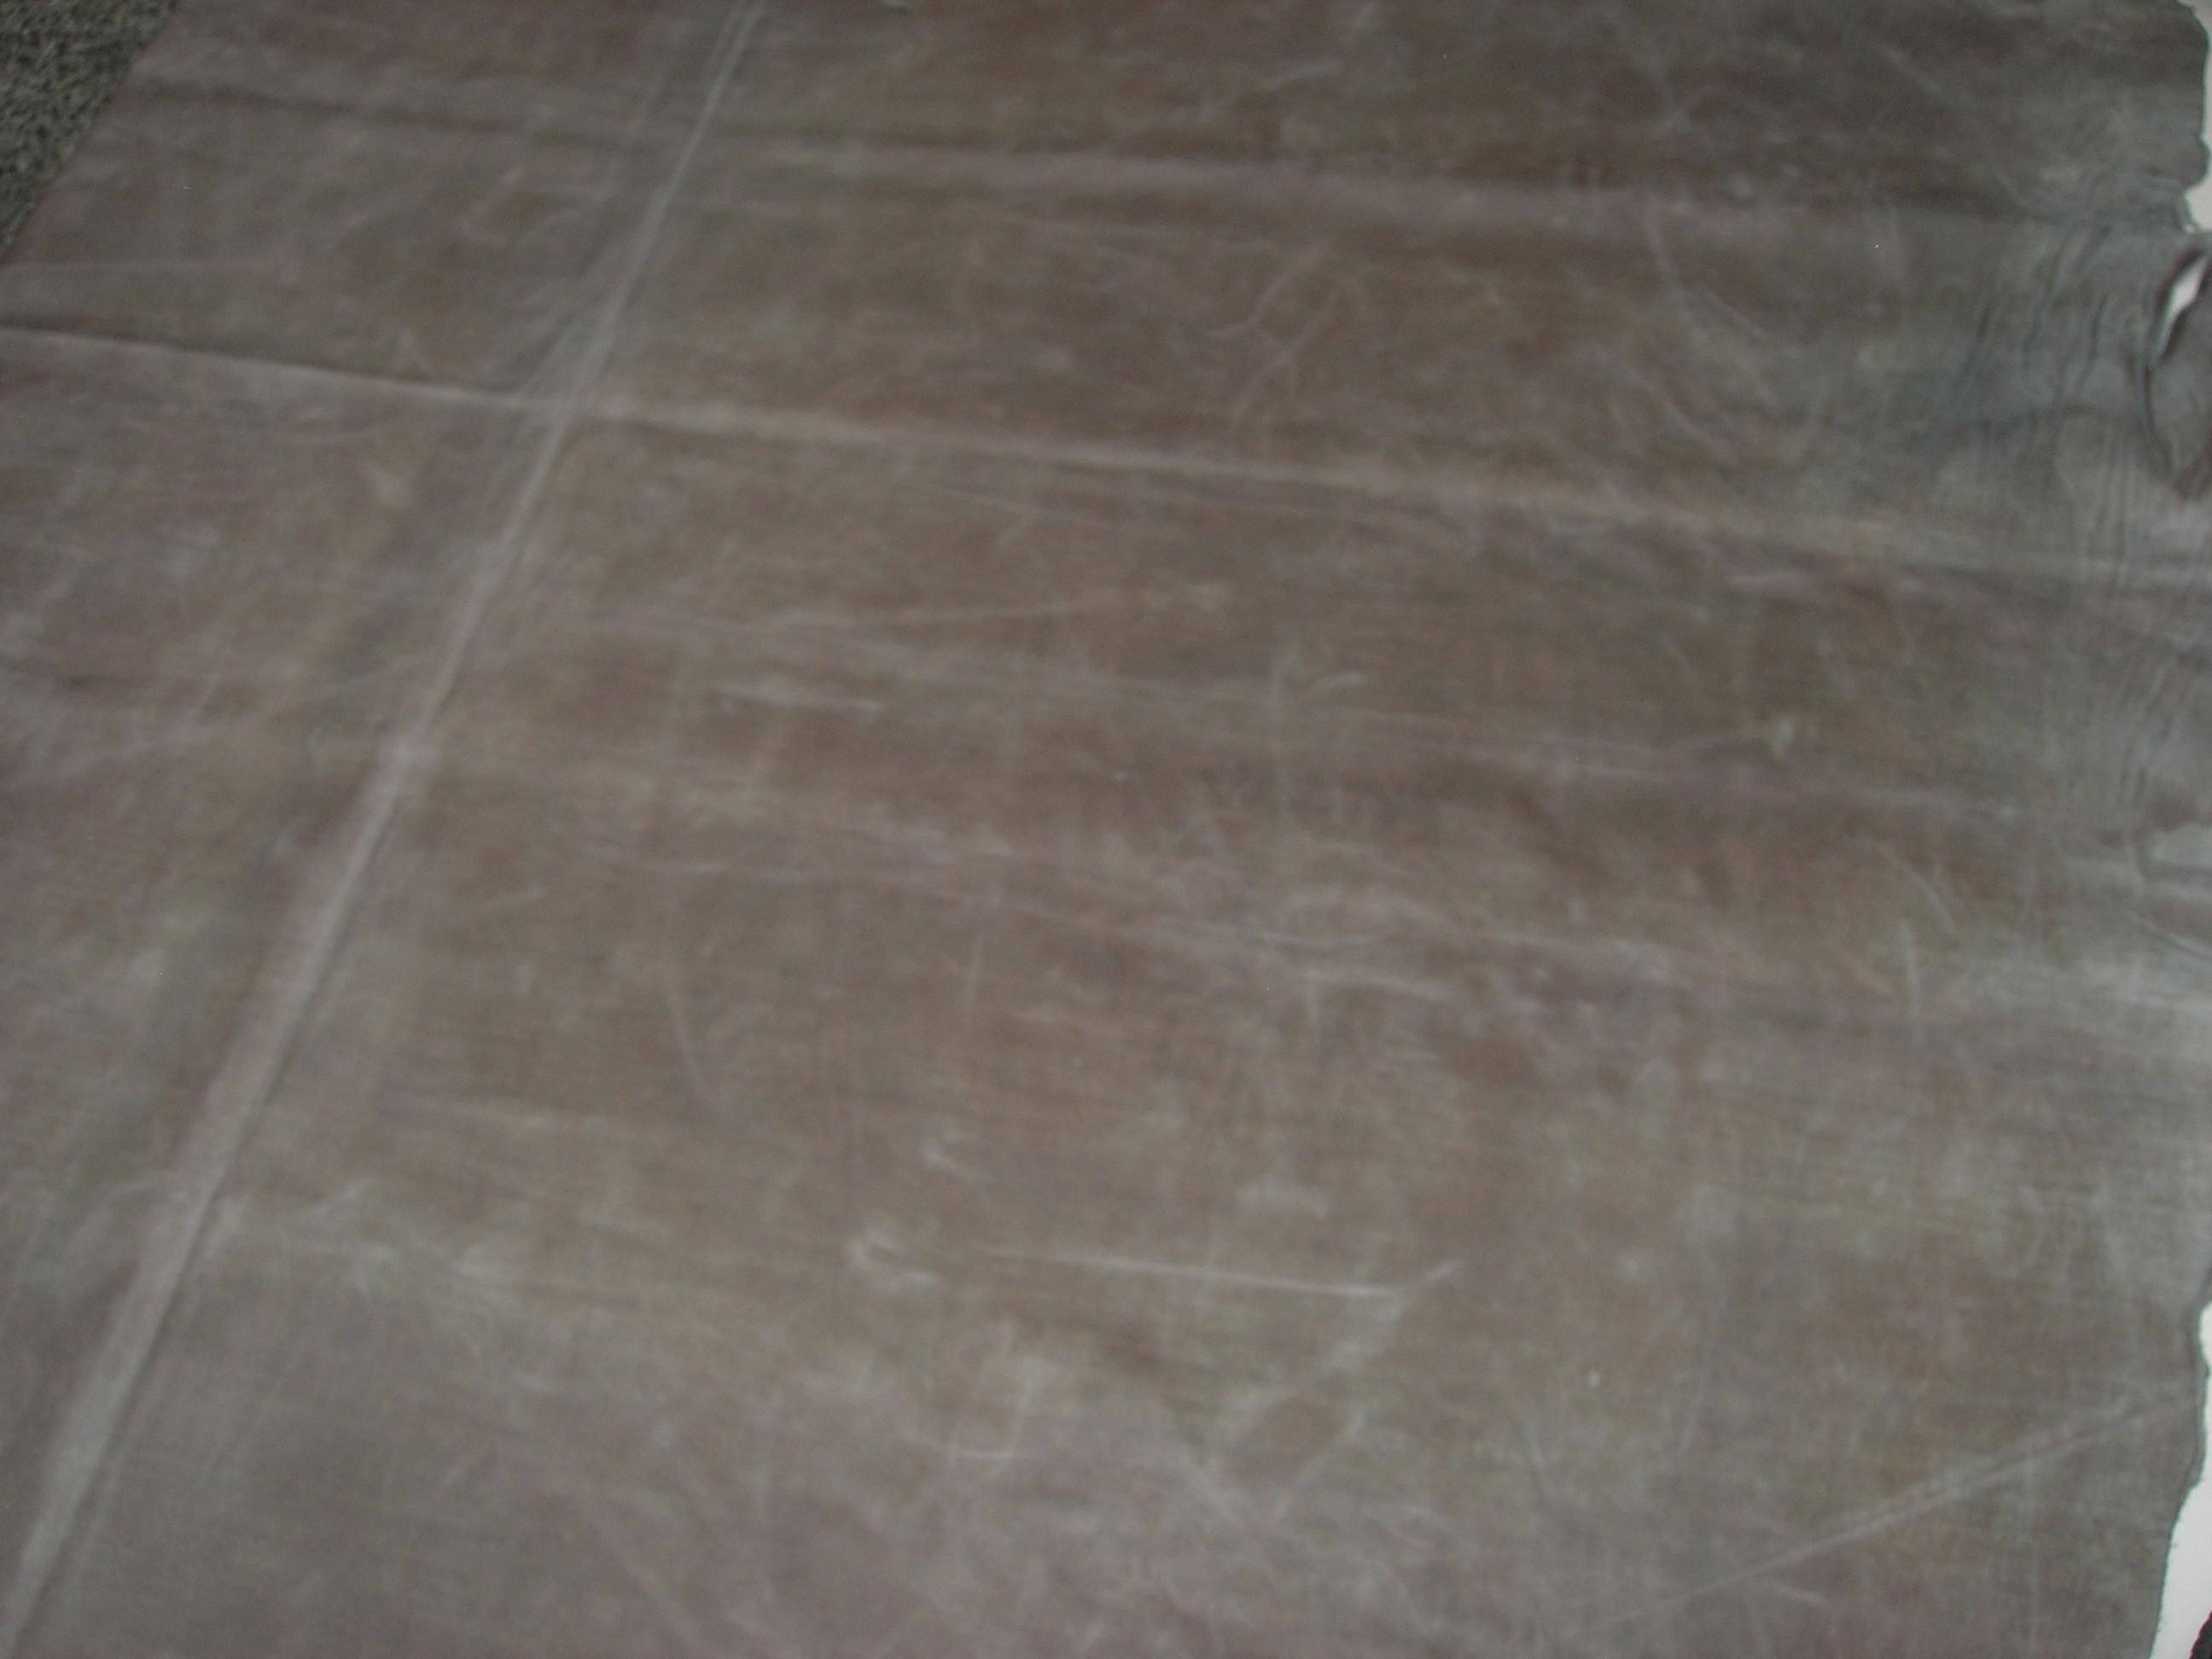 Möbelleder 1-1,2mm beige -grau (F1714BG10), Zur Zeit leider ausverkauft.